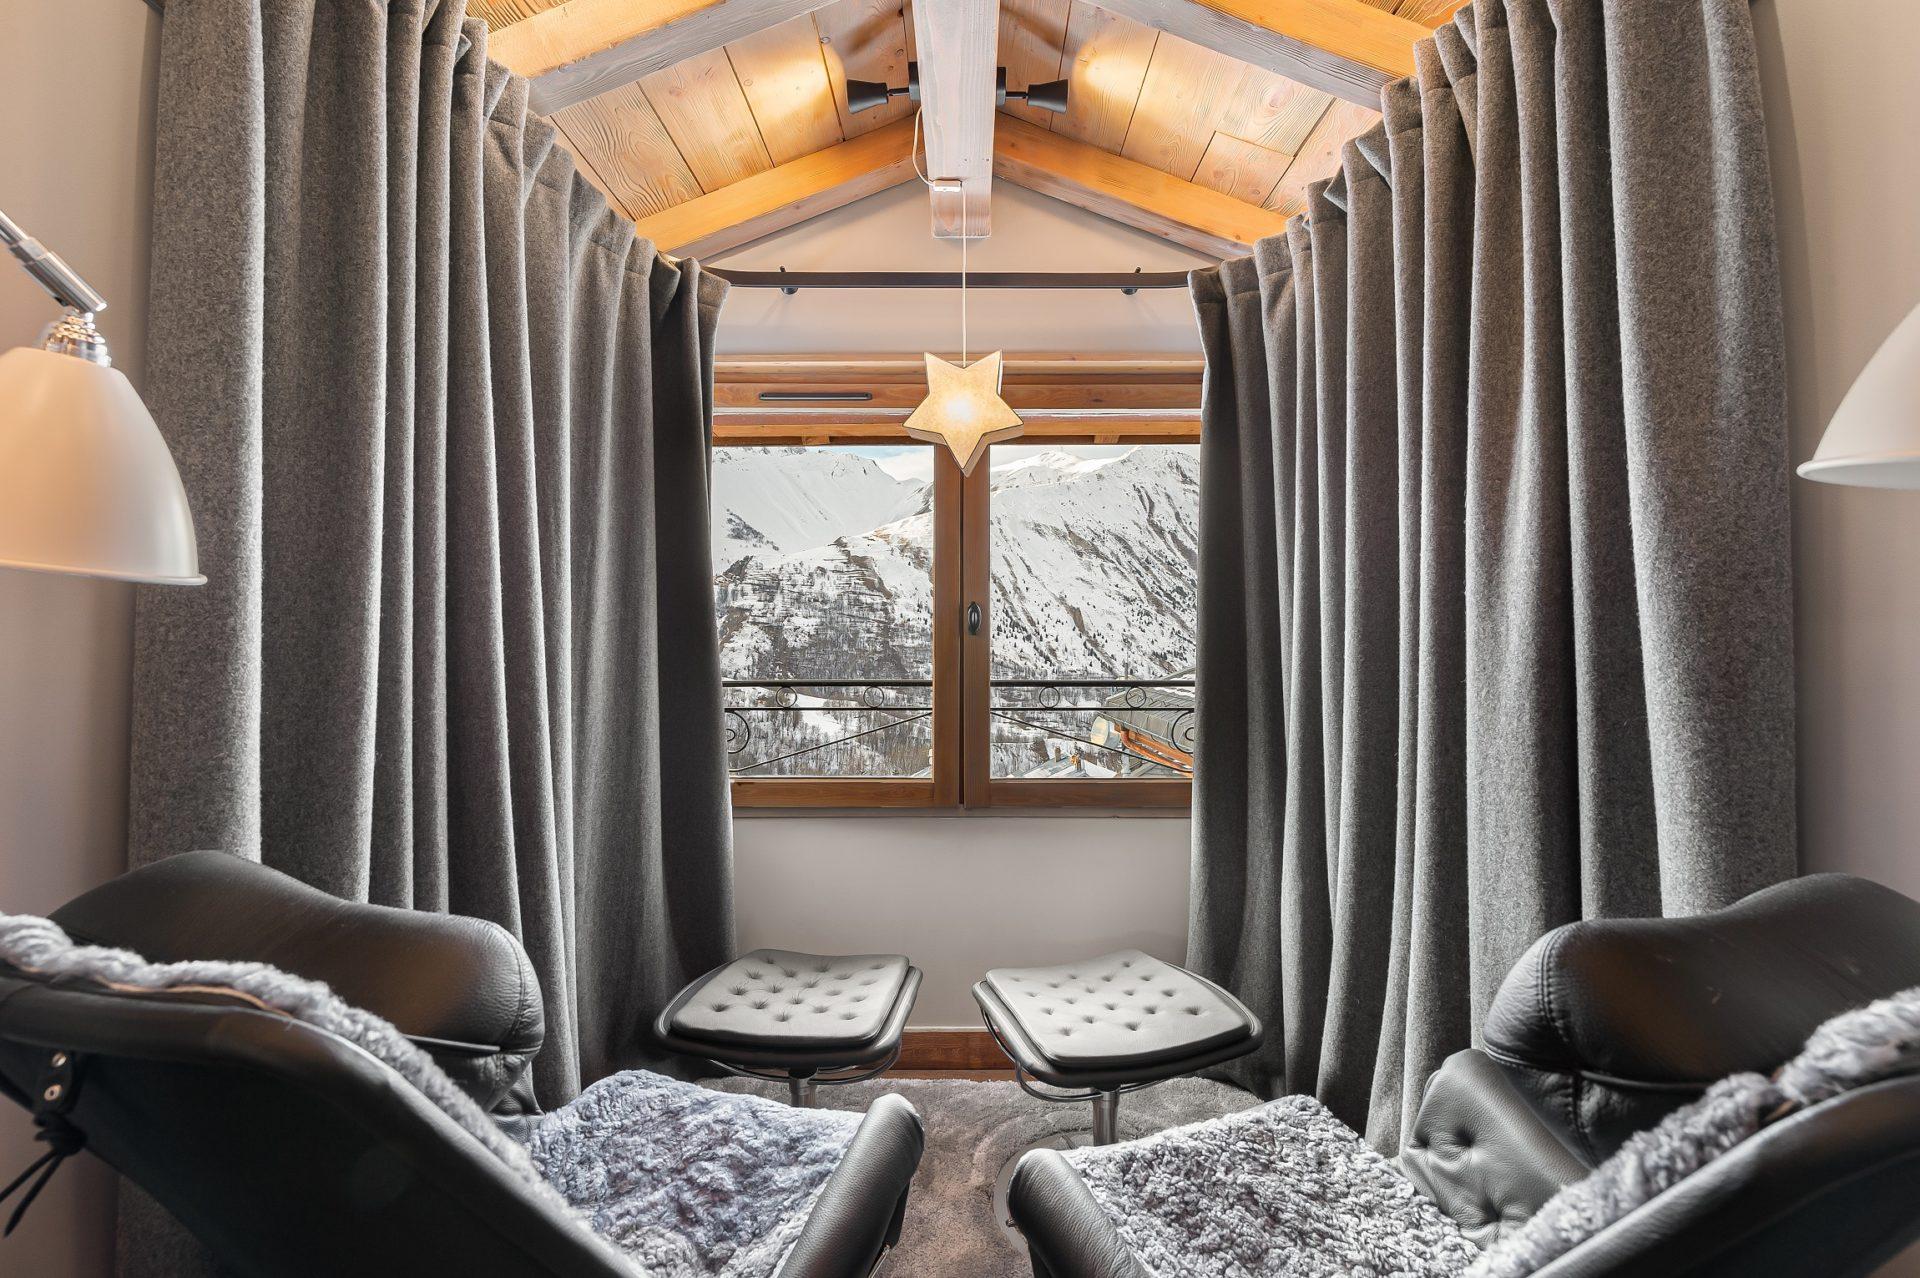 L'Epicerie / Appartement 3 / Sauna - Douche / Saint Martin de Belleville, Savoie